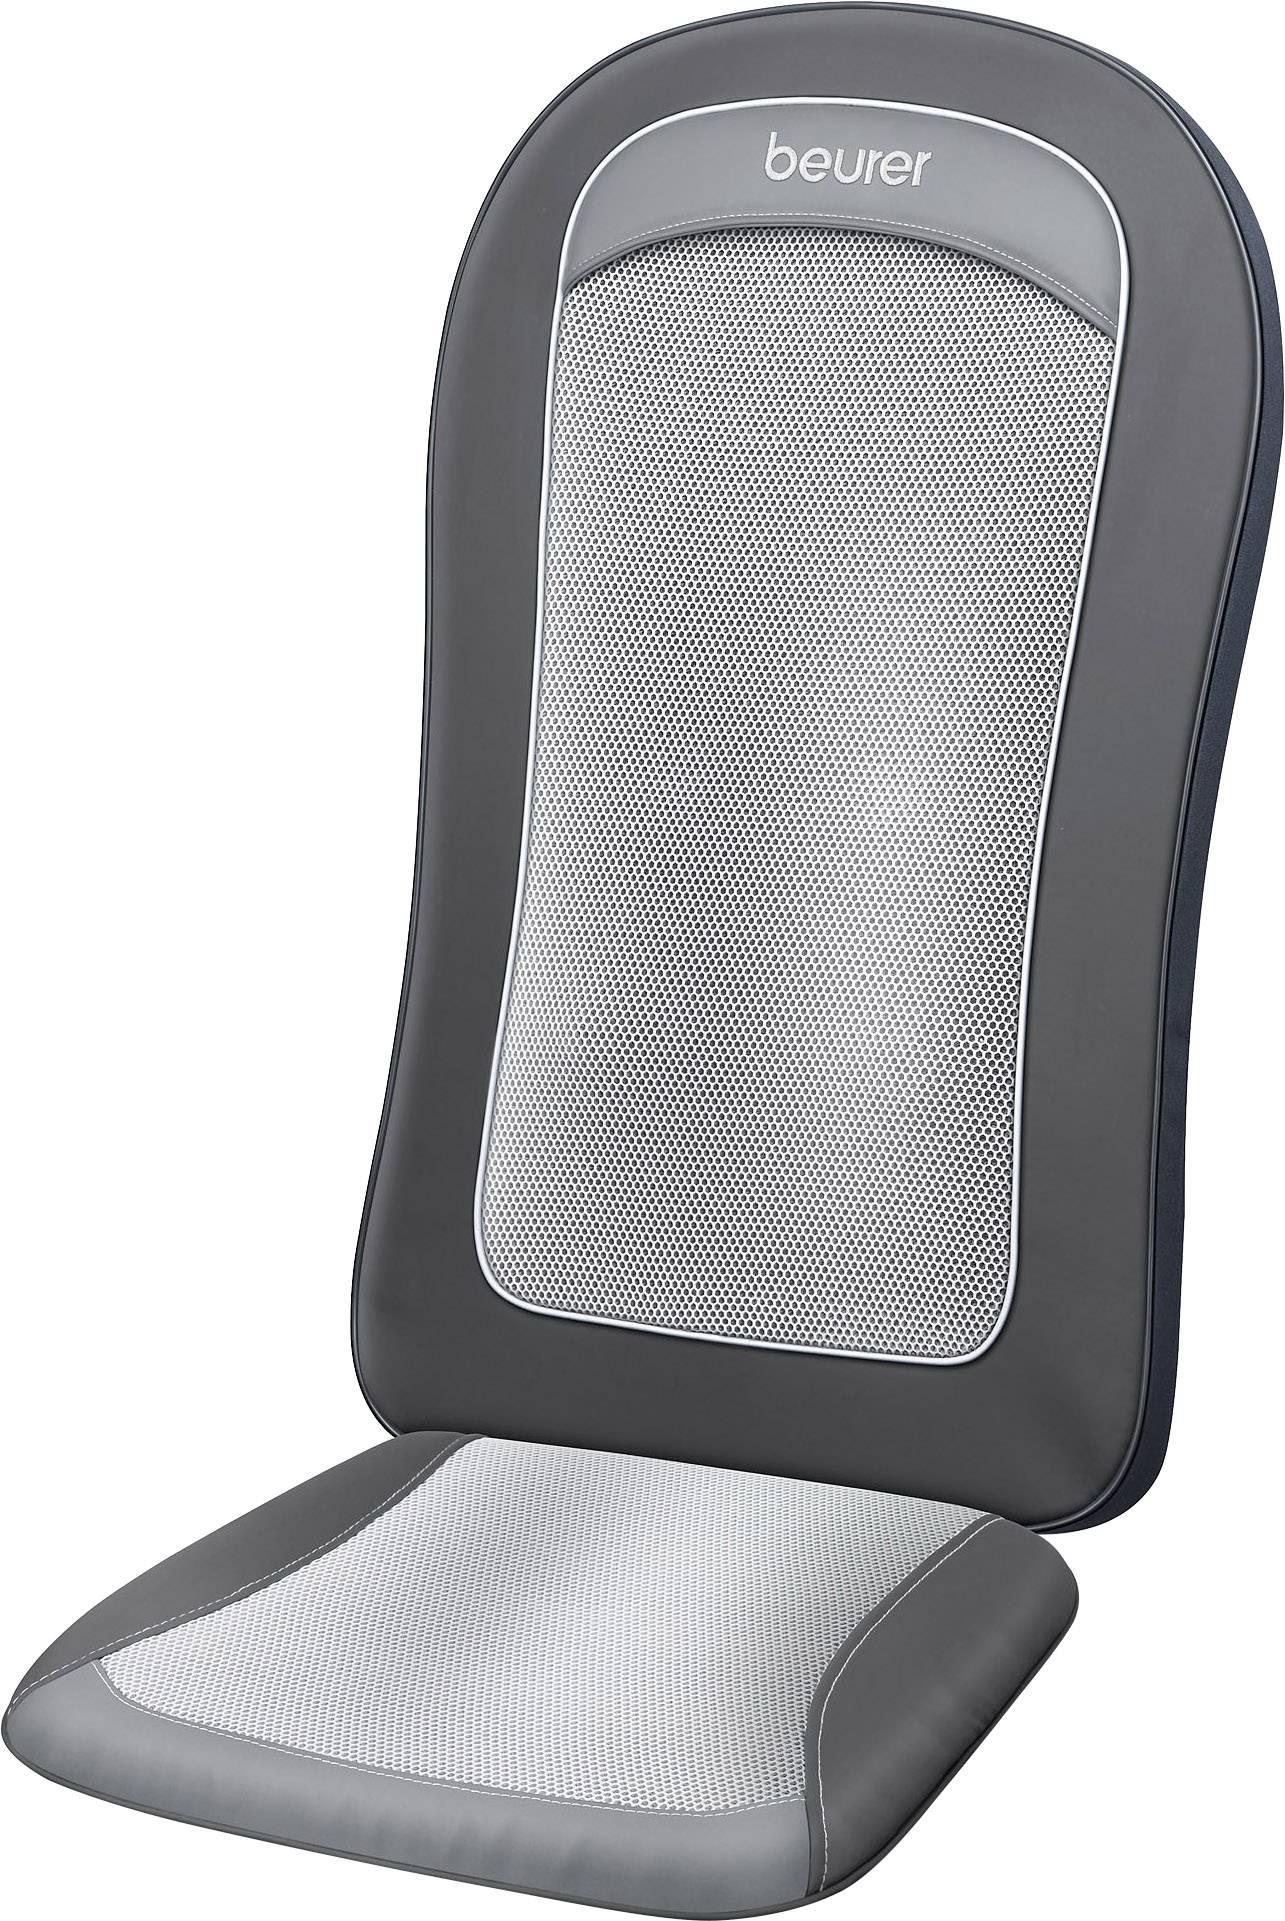 Masážny poťah sedačky Beurer MG 206, 18 W, sivá